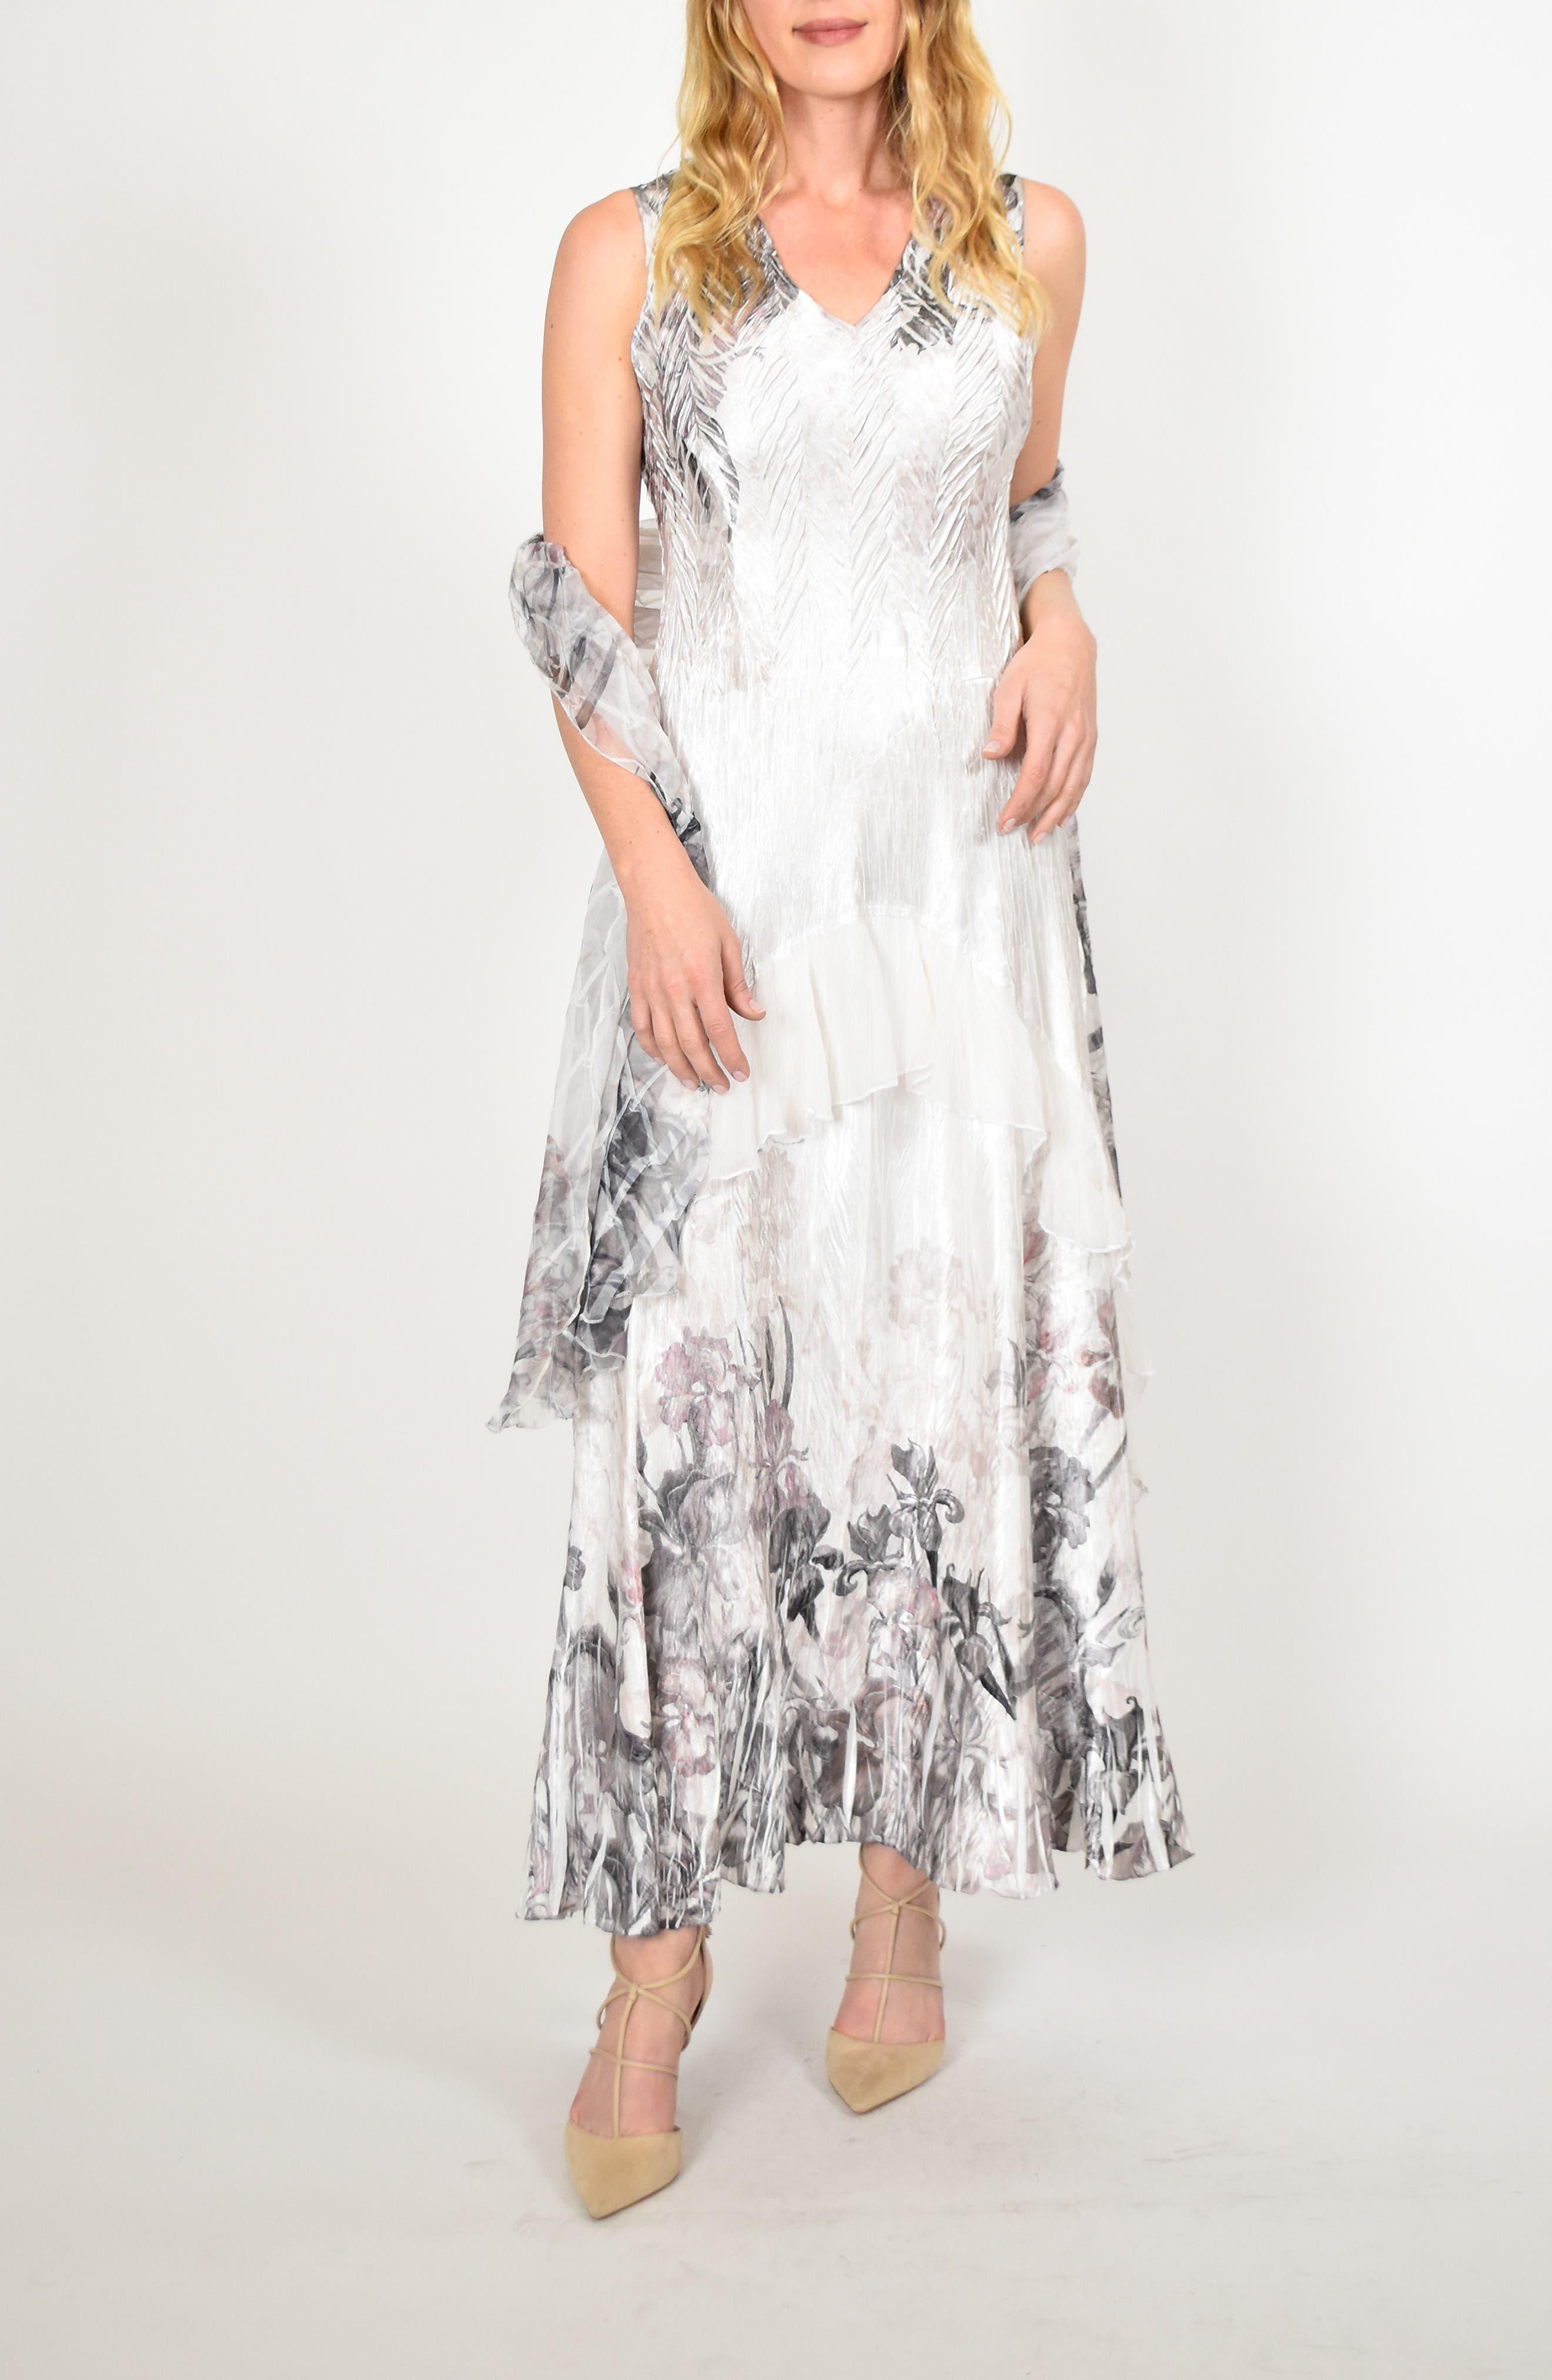 KOMAROV, Charmeuse Dress with Wrap, Main thumbnail 1, color, IRIS GARDEN